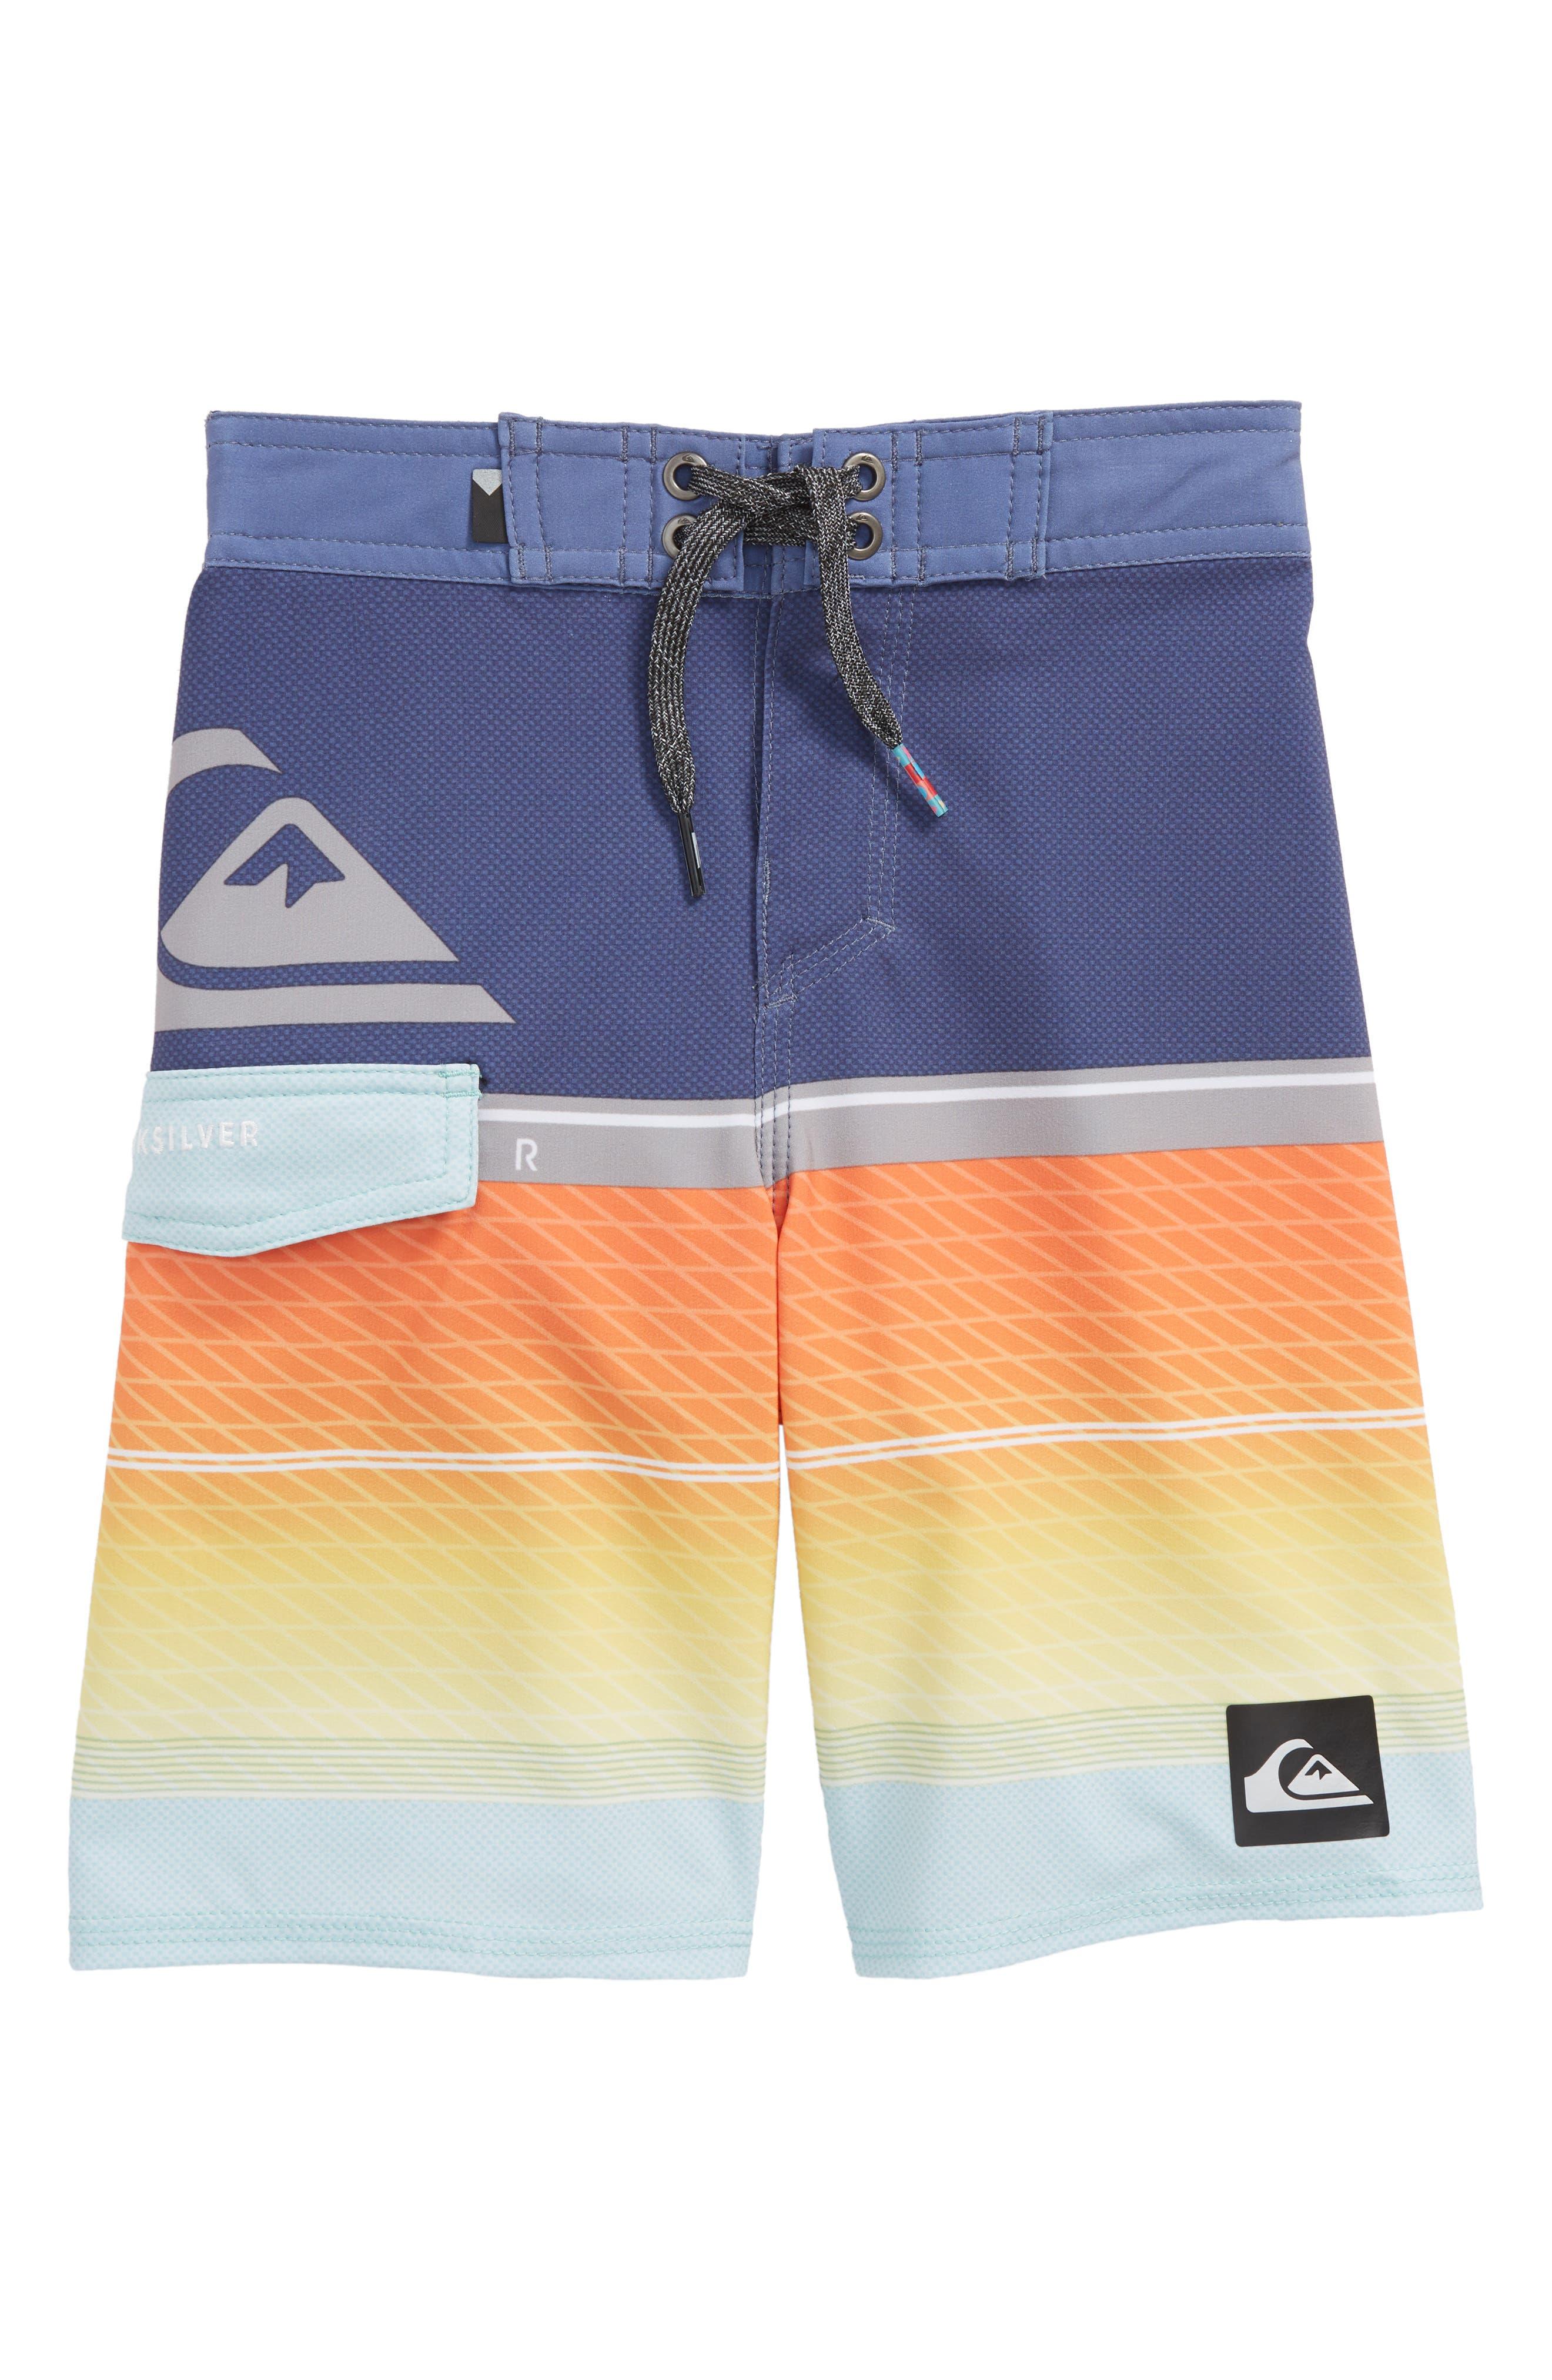 Highline Slab Board Shorts,                         Main,                         color, 416